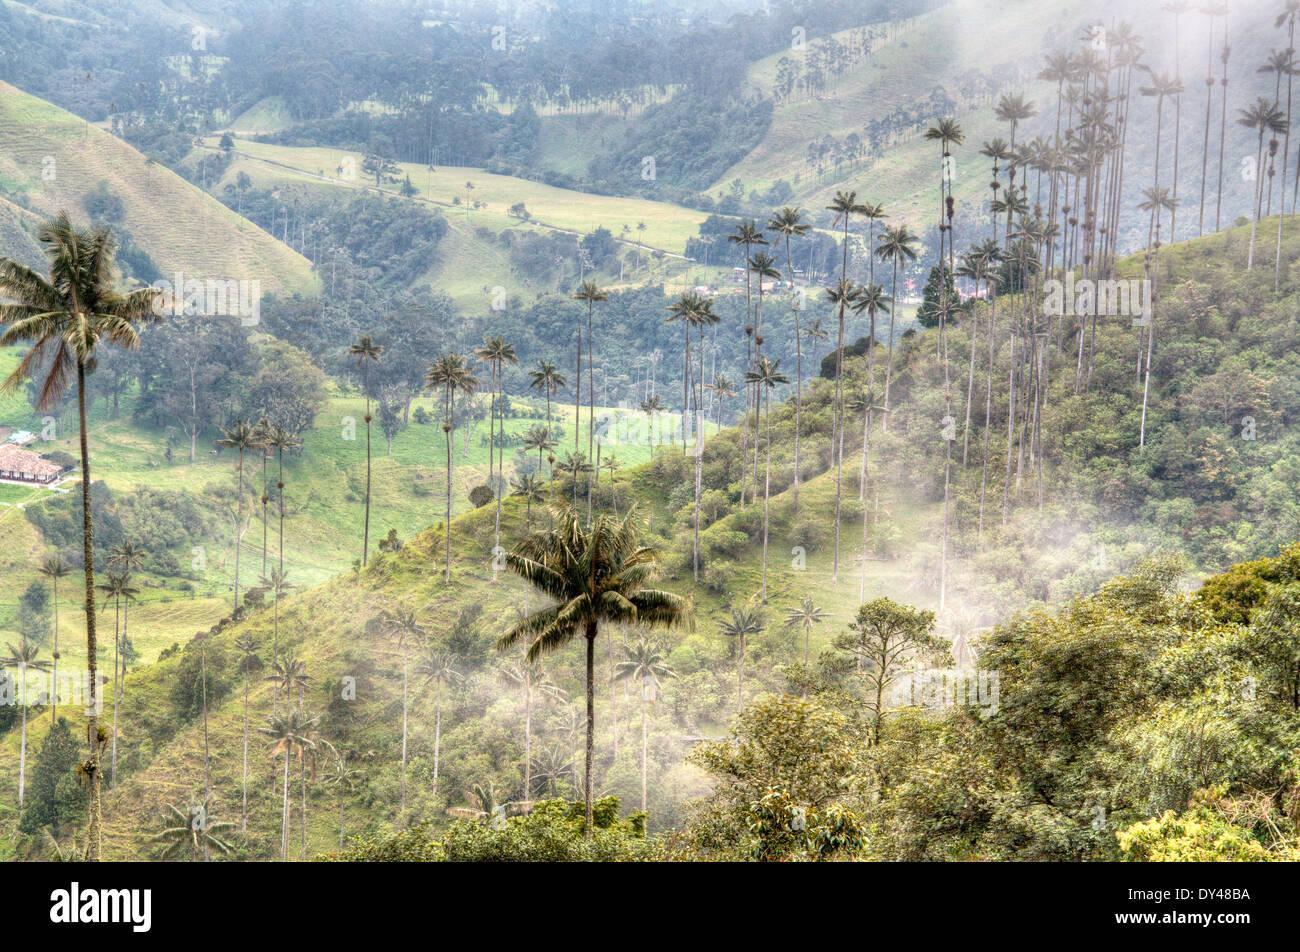 La valle del Cocora nei pressi di Salento, Colombia Immagini Stock